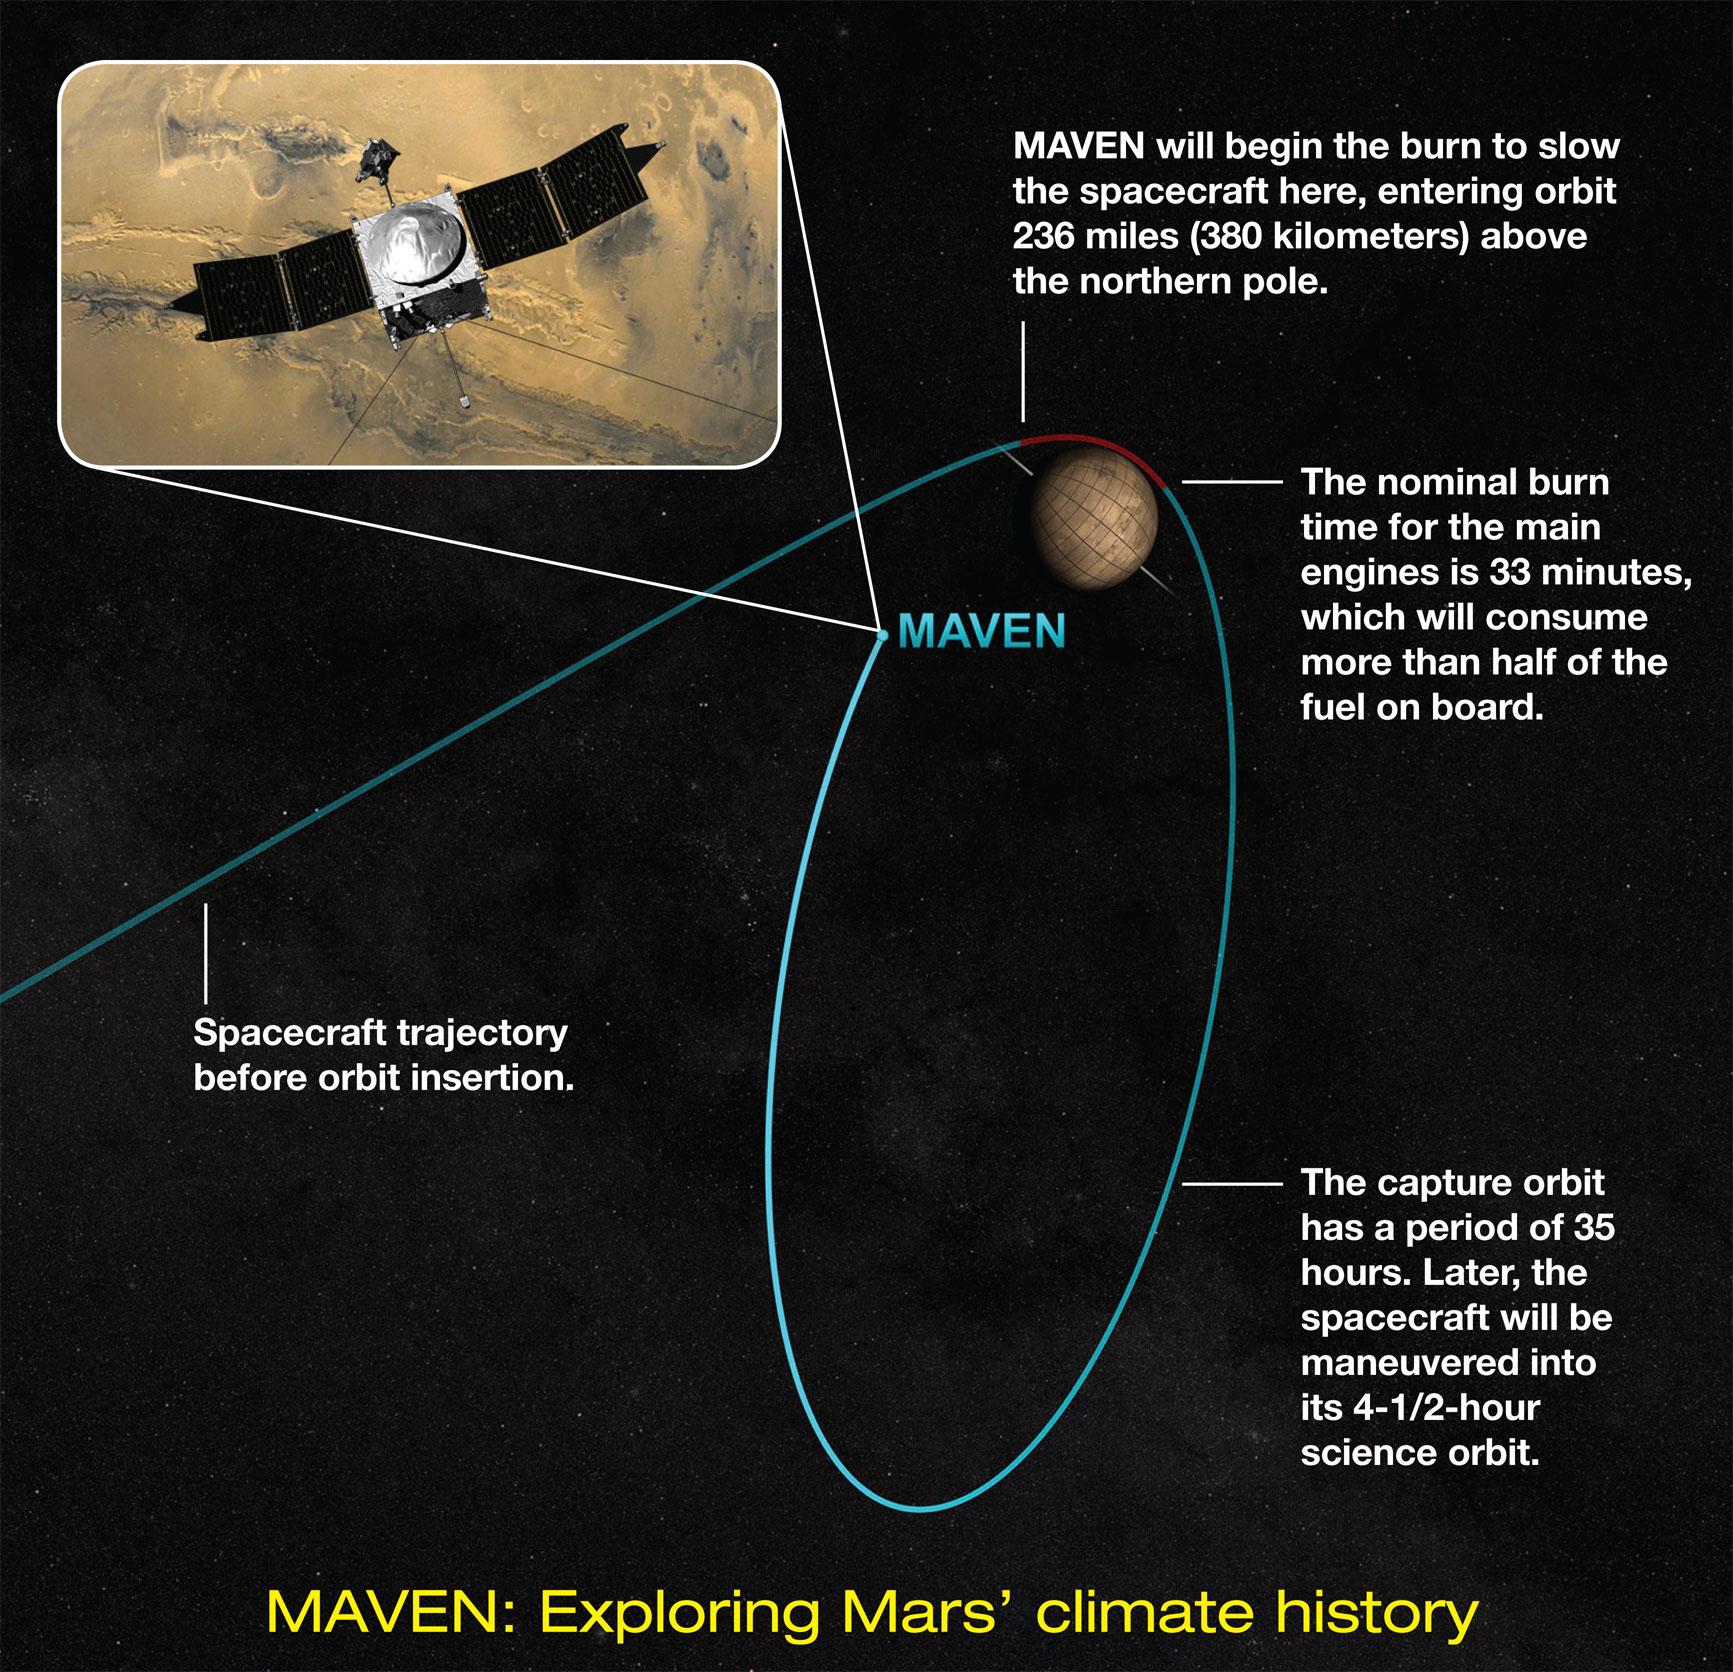 MAVEN and MOM arrive safely at Mars - RocketSTEM